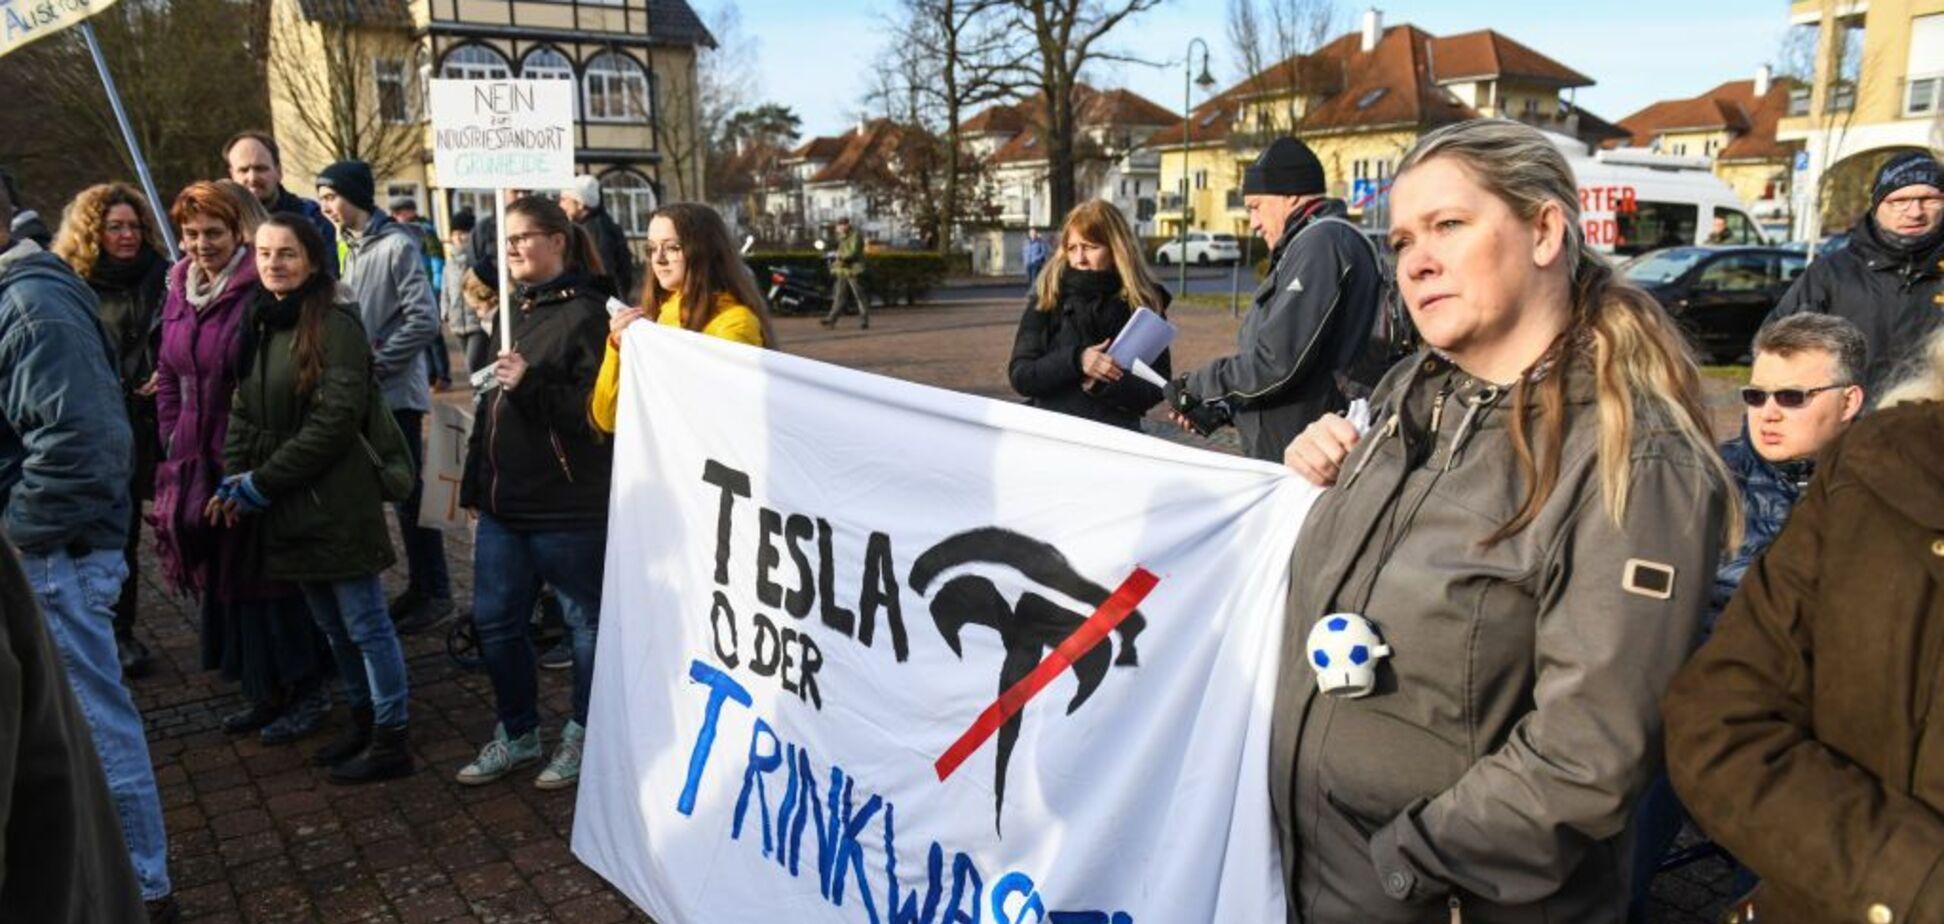 Жители Германии продолжили протесты против создания фабрики Tesla: суть претензий